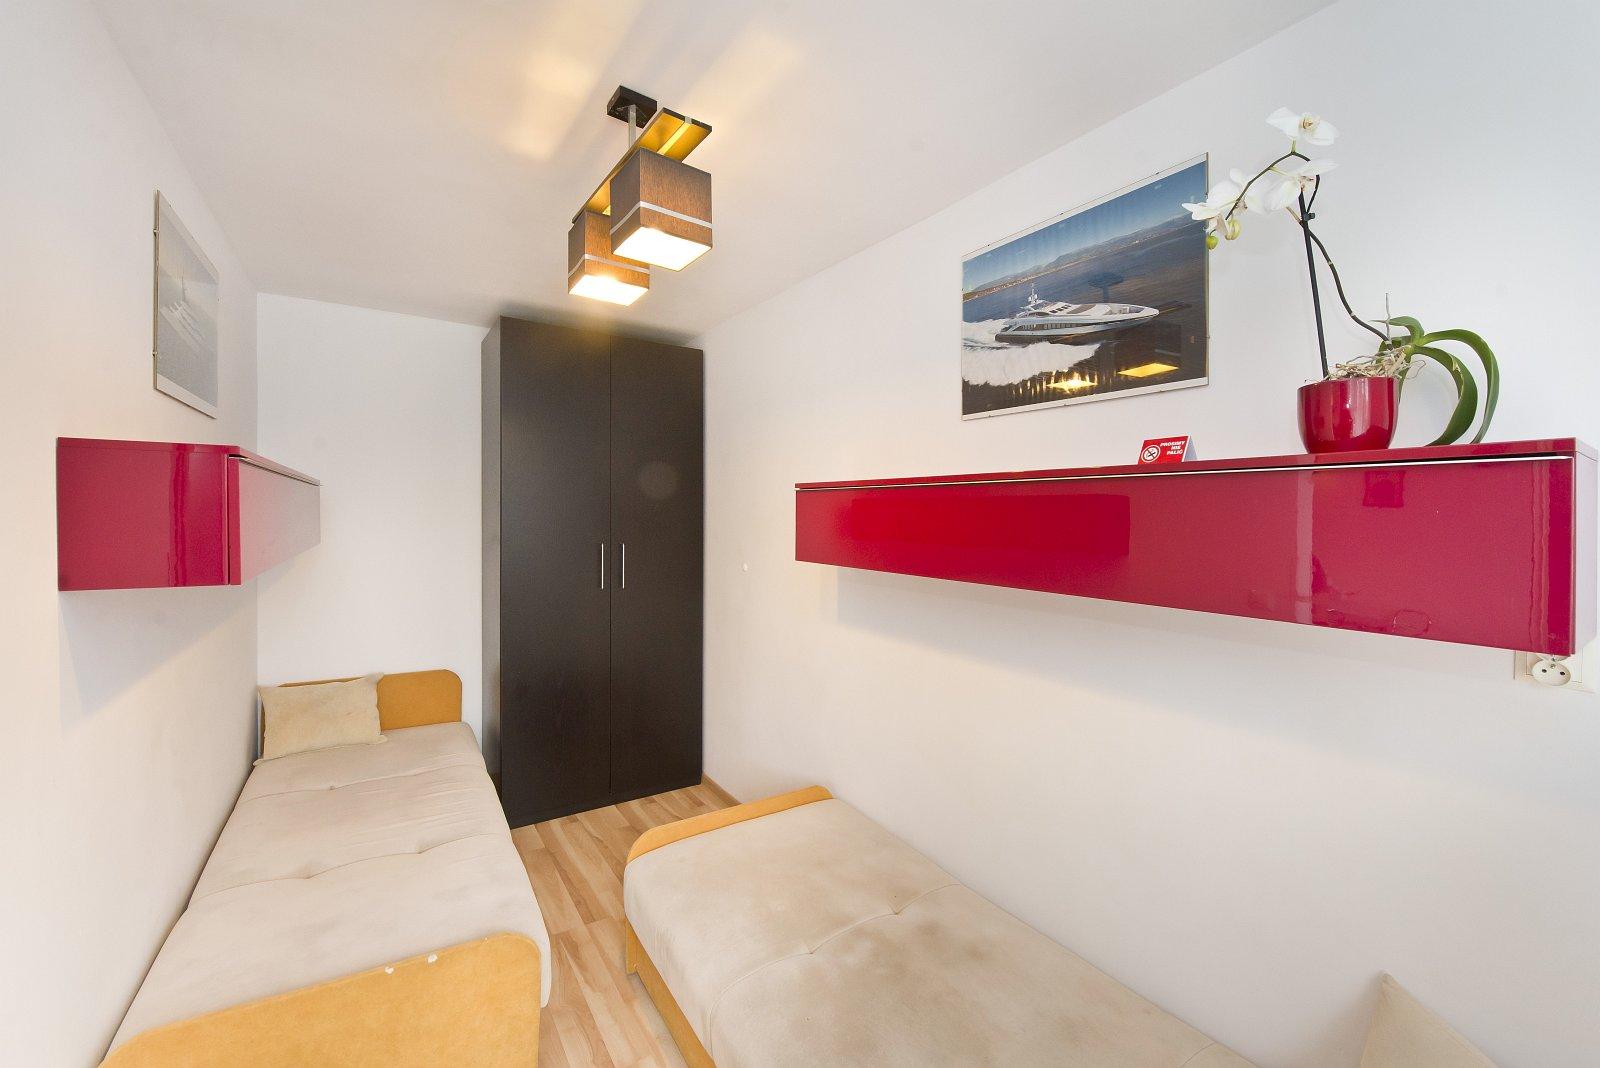 mieszkanie-wynajem-gdansk-ow6-02-02web